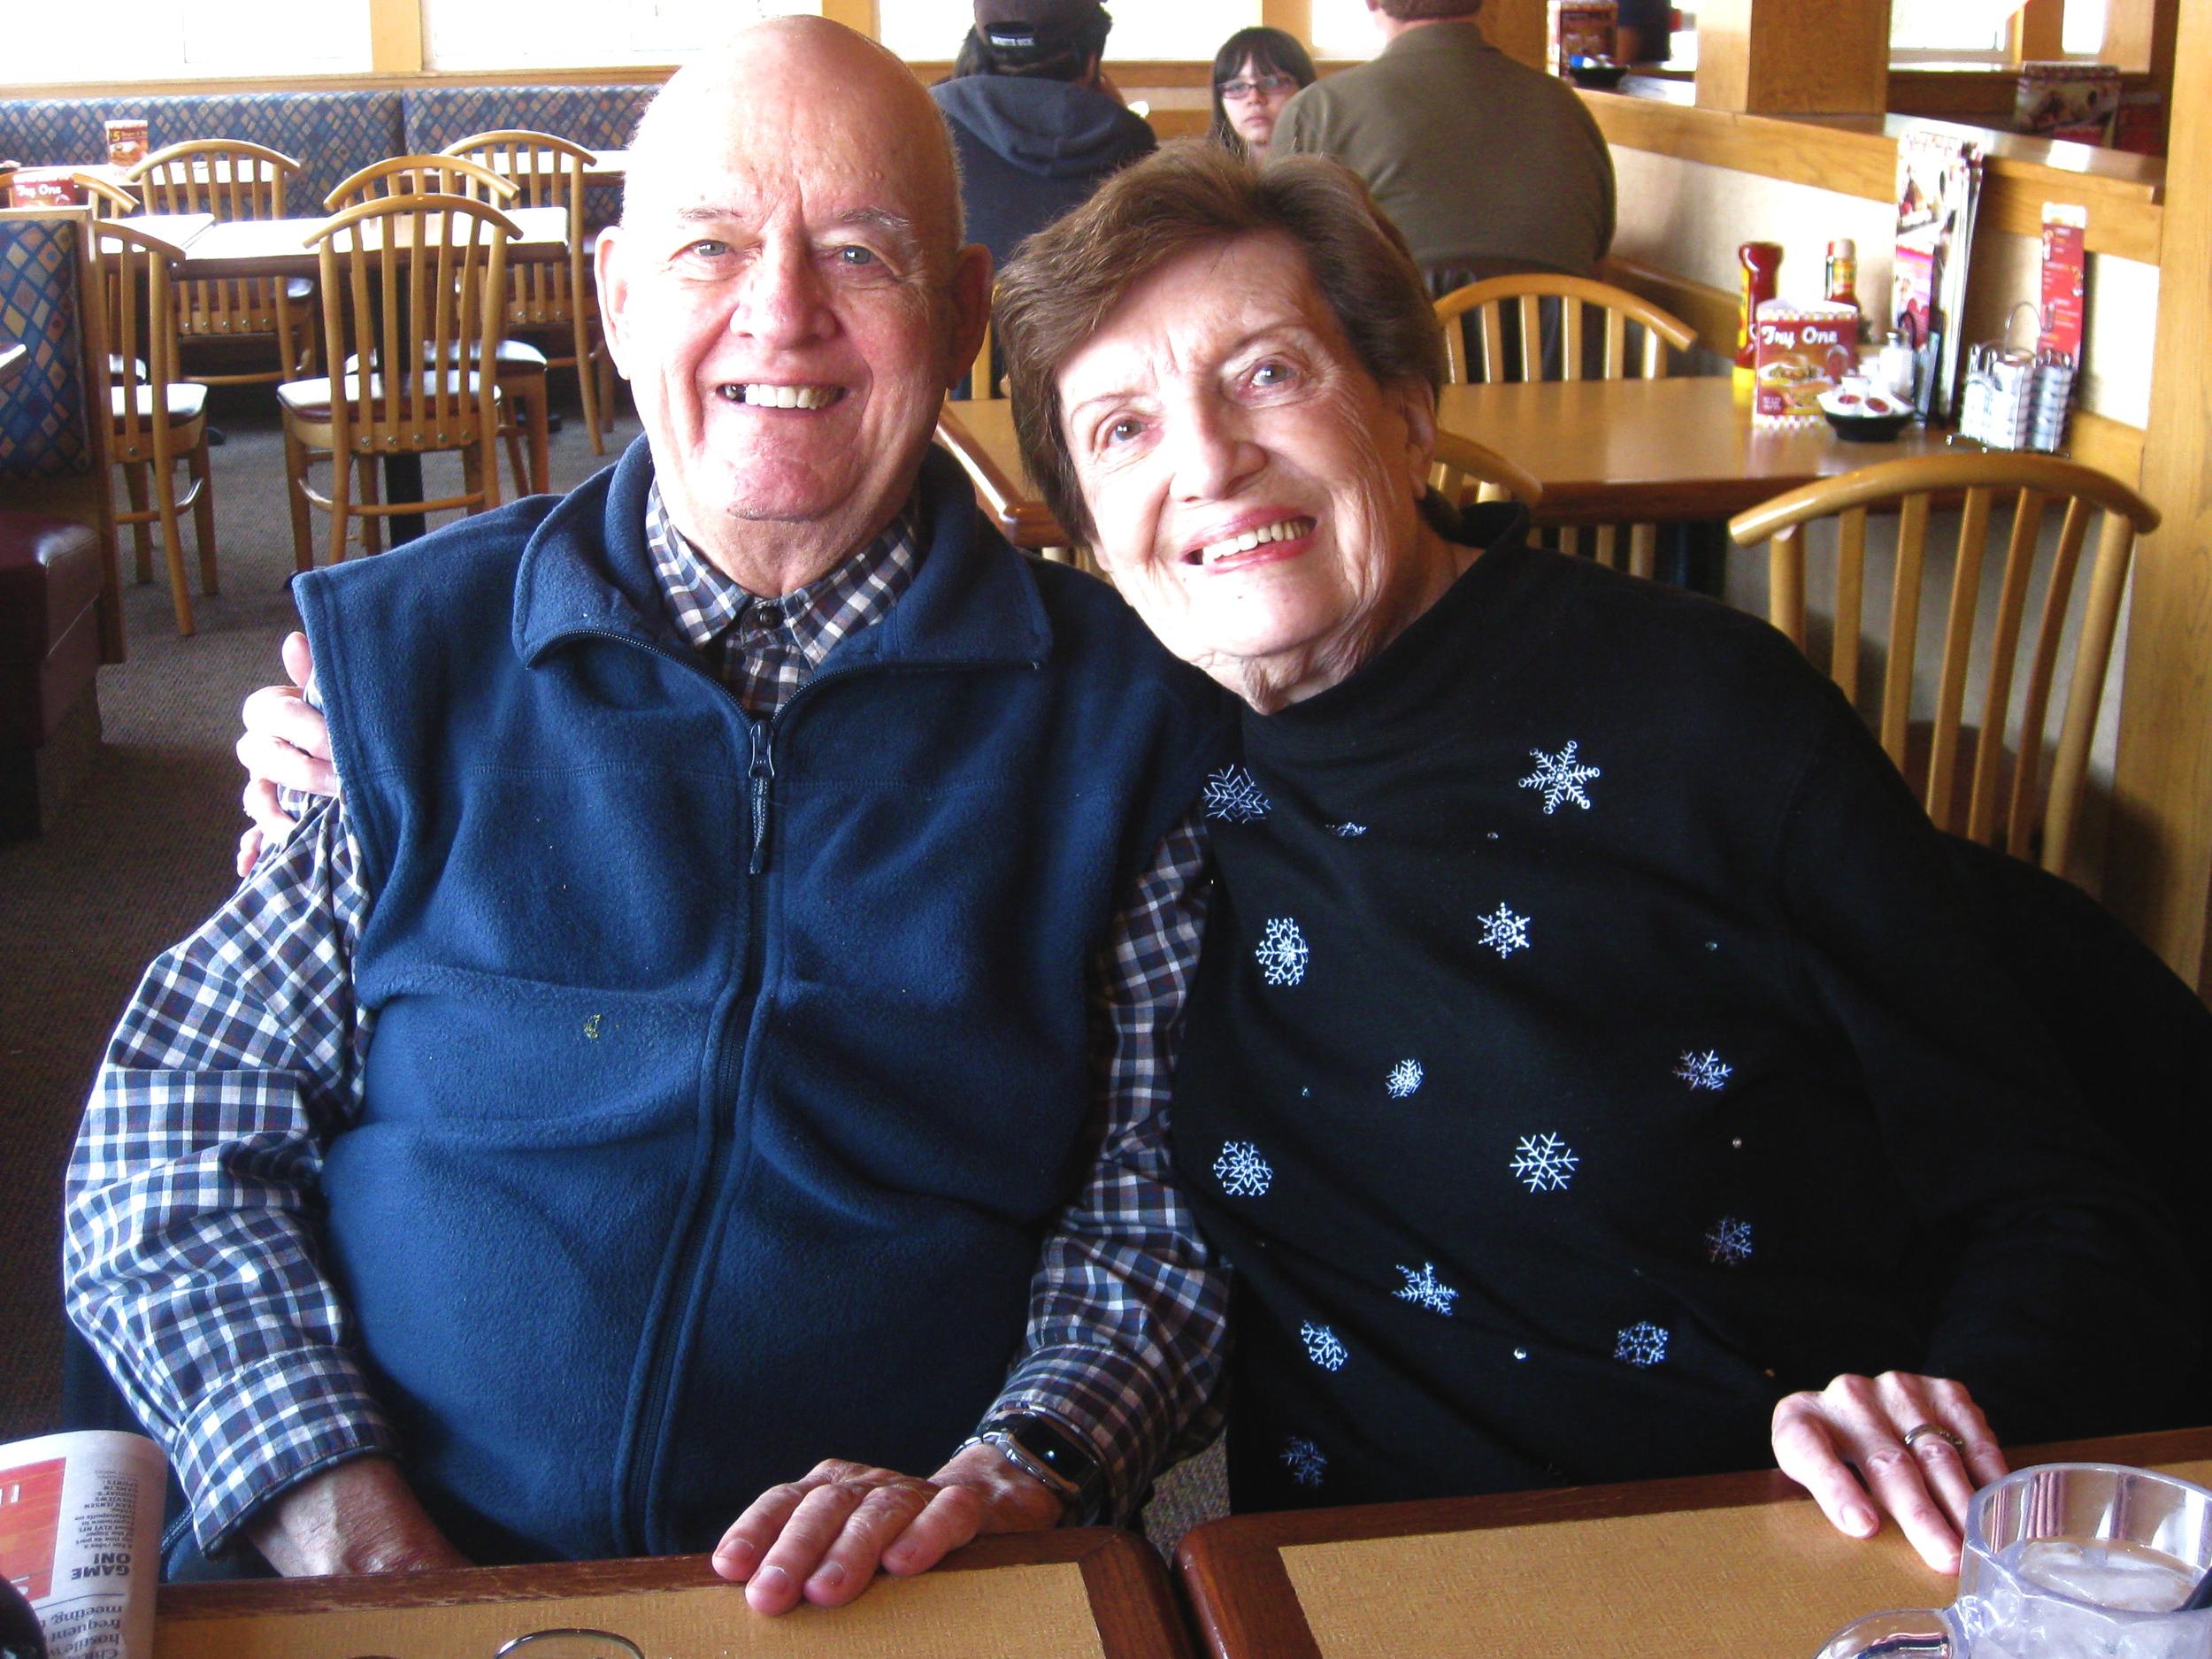 Grandma and Grandpa Pesek